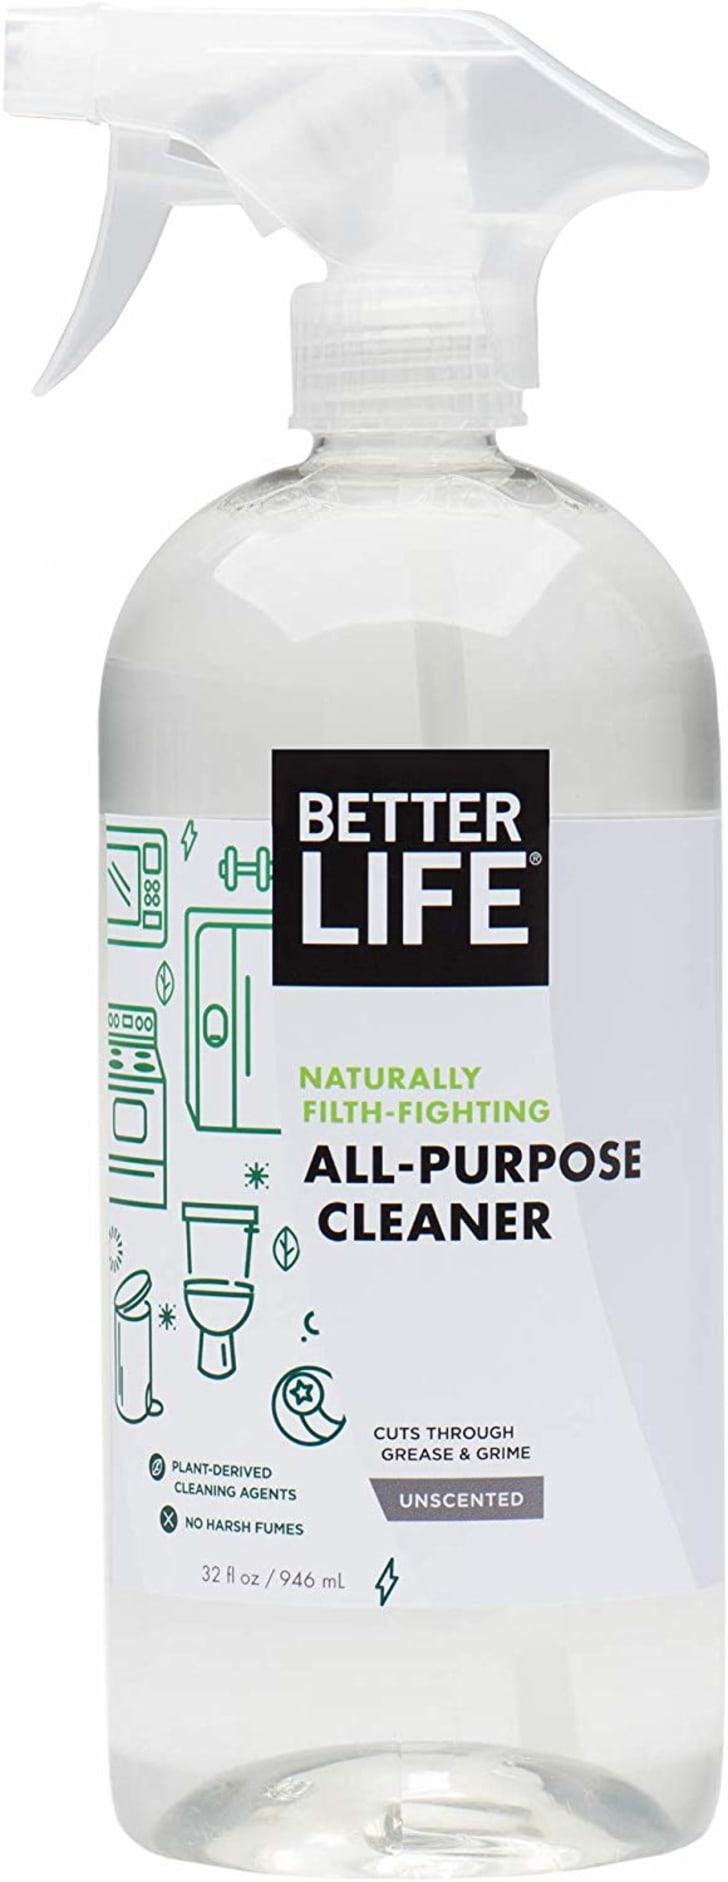 Better Life cleaner.